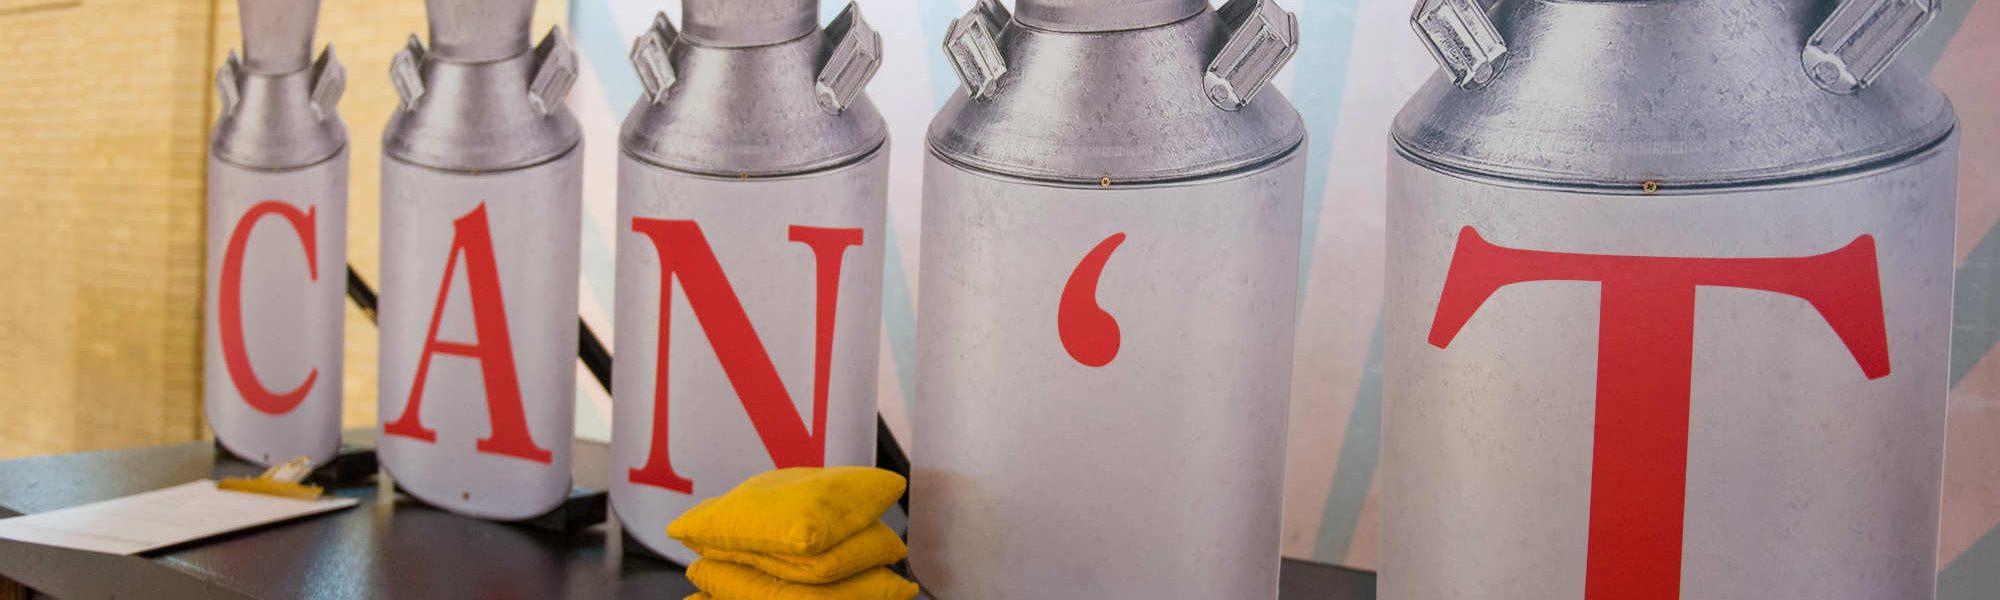 Gillette Milk Cans slider